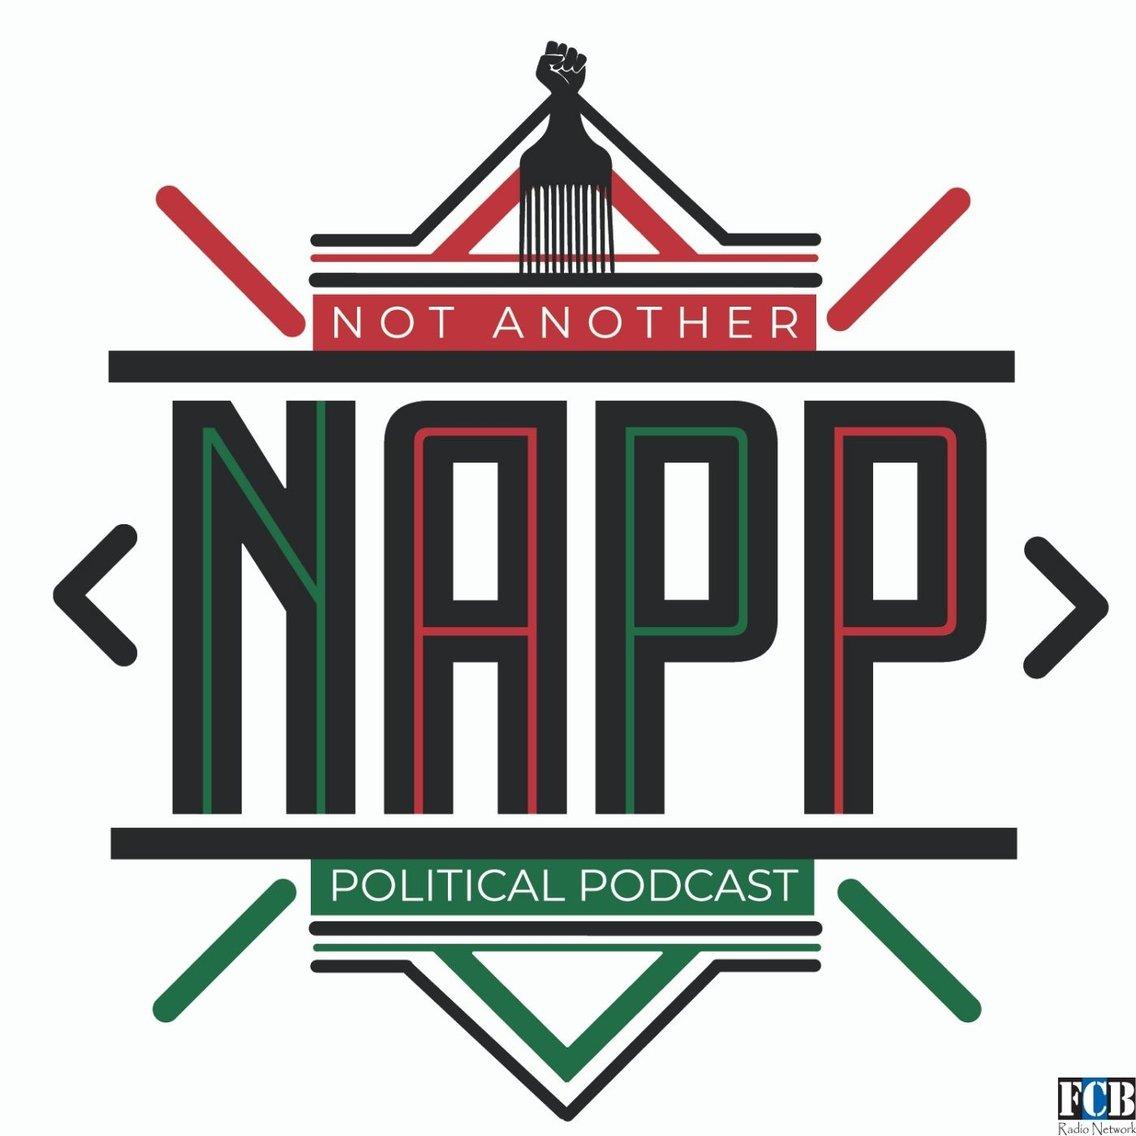 Not Another Political Podcast - immagine di copertina